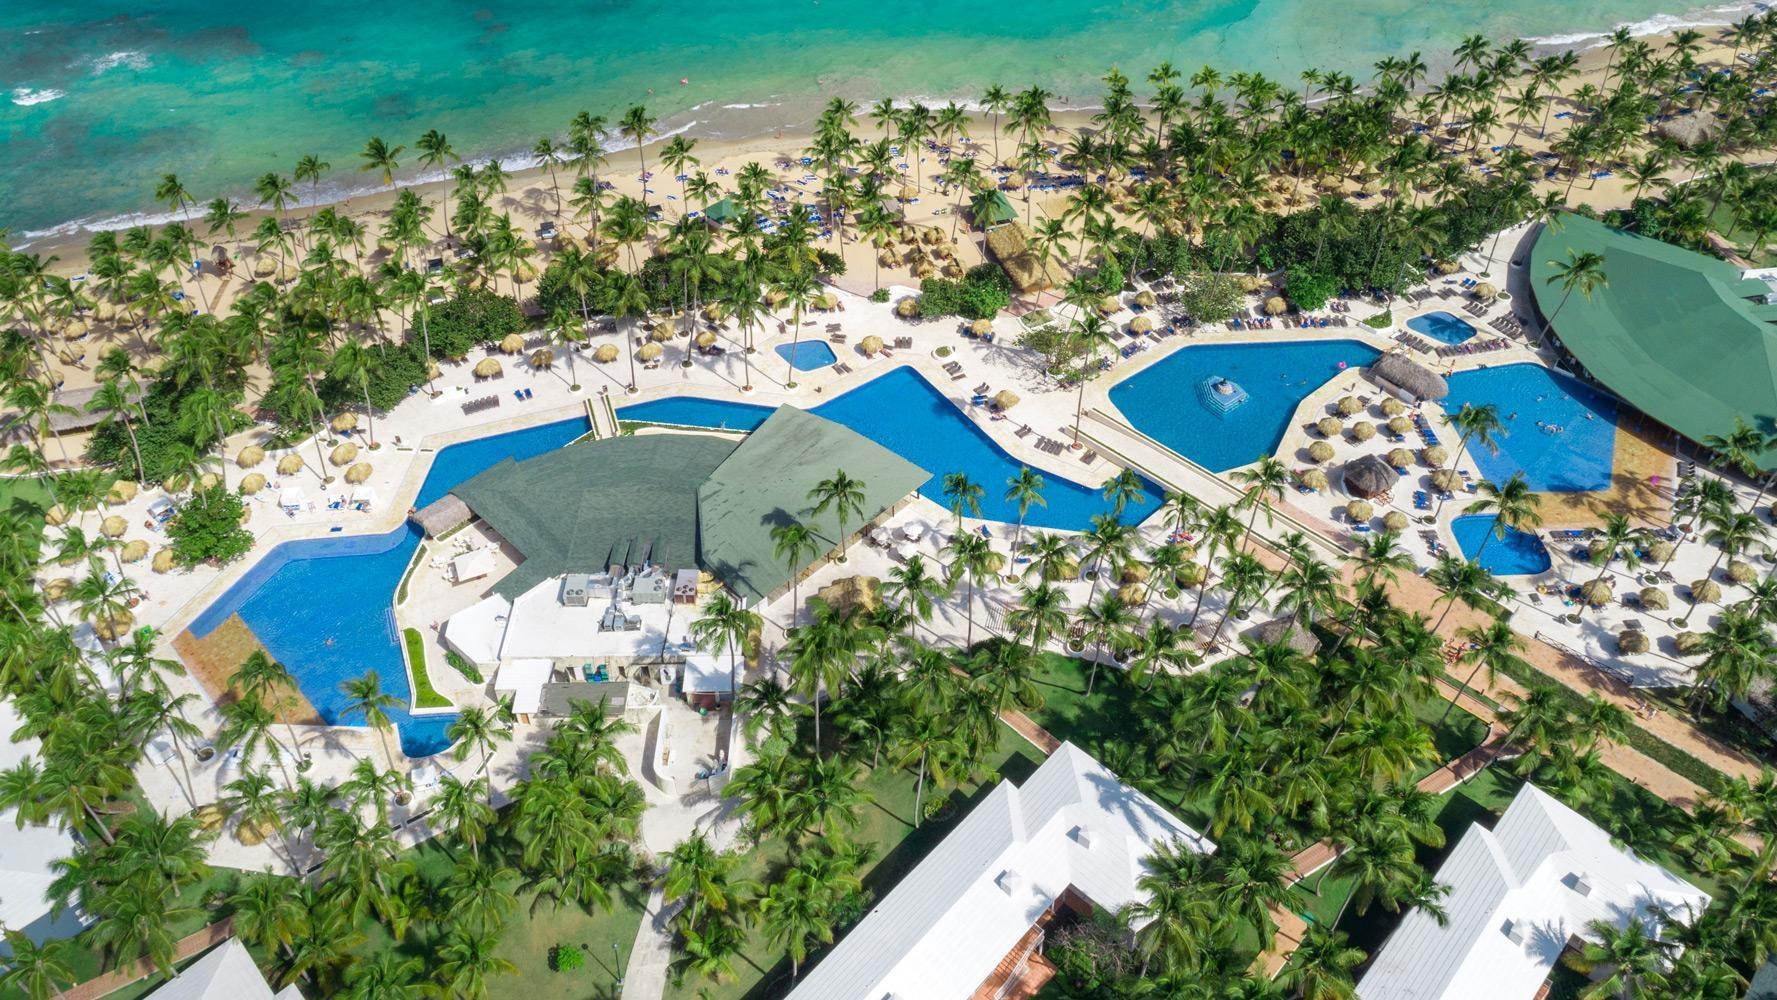 Стала известна дата открытия отеля Grand Sirenis Punta Cana после карантина